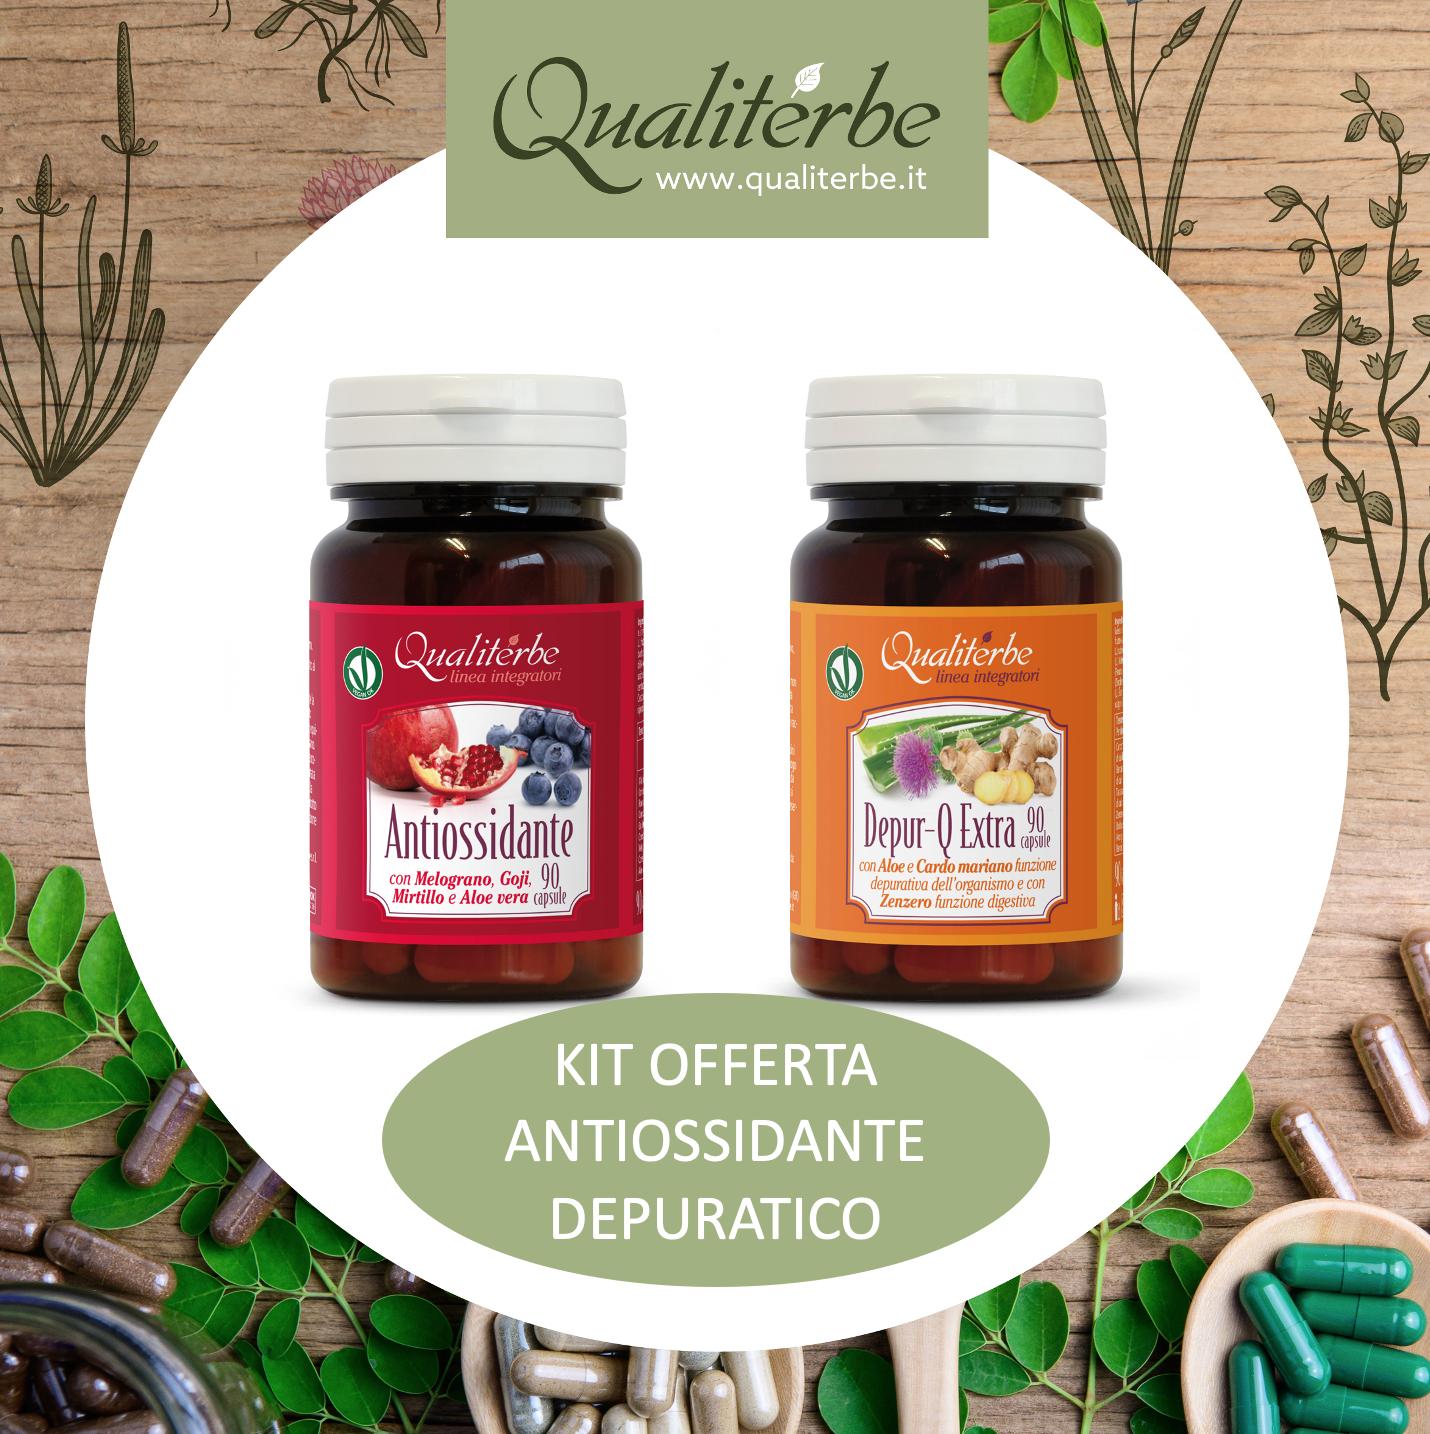 Trattamento antiossidante e depurativo per le vacanze